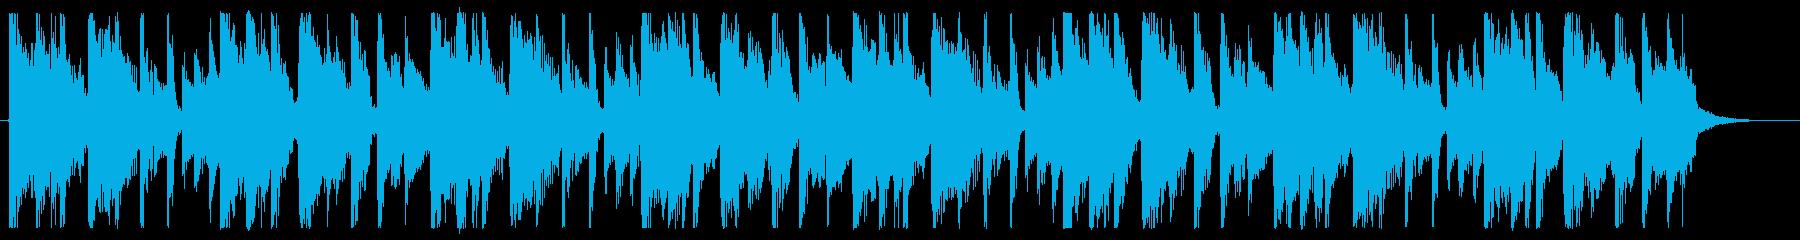 アーバン/都会/R&B_No458_4の再生済みの波形